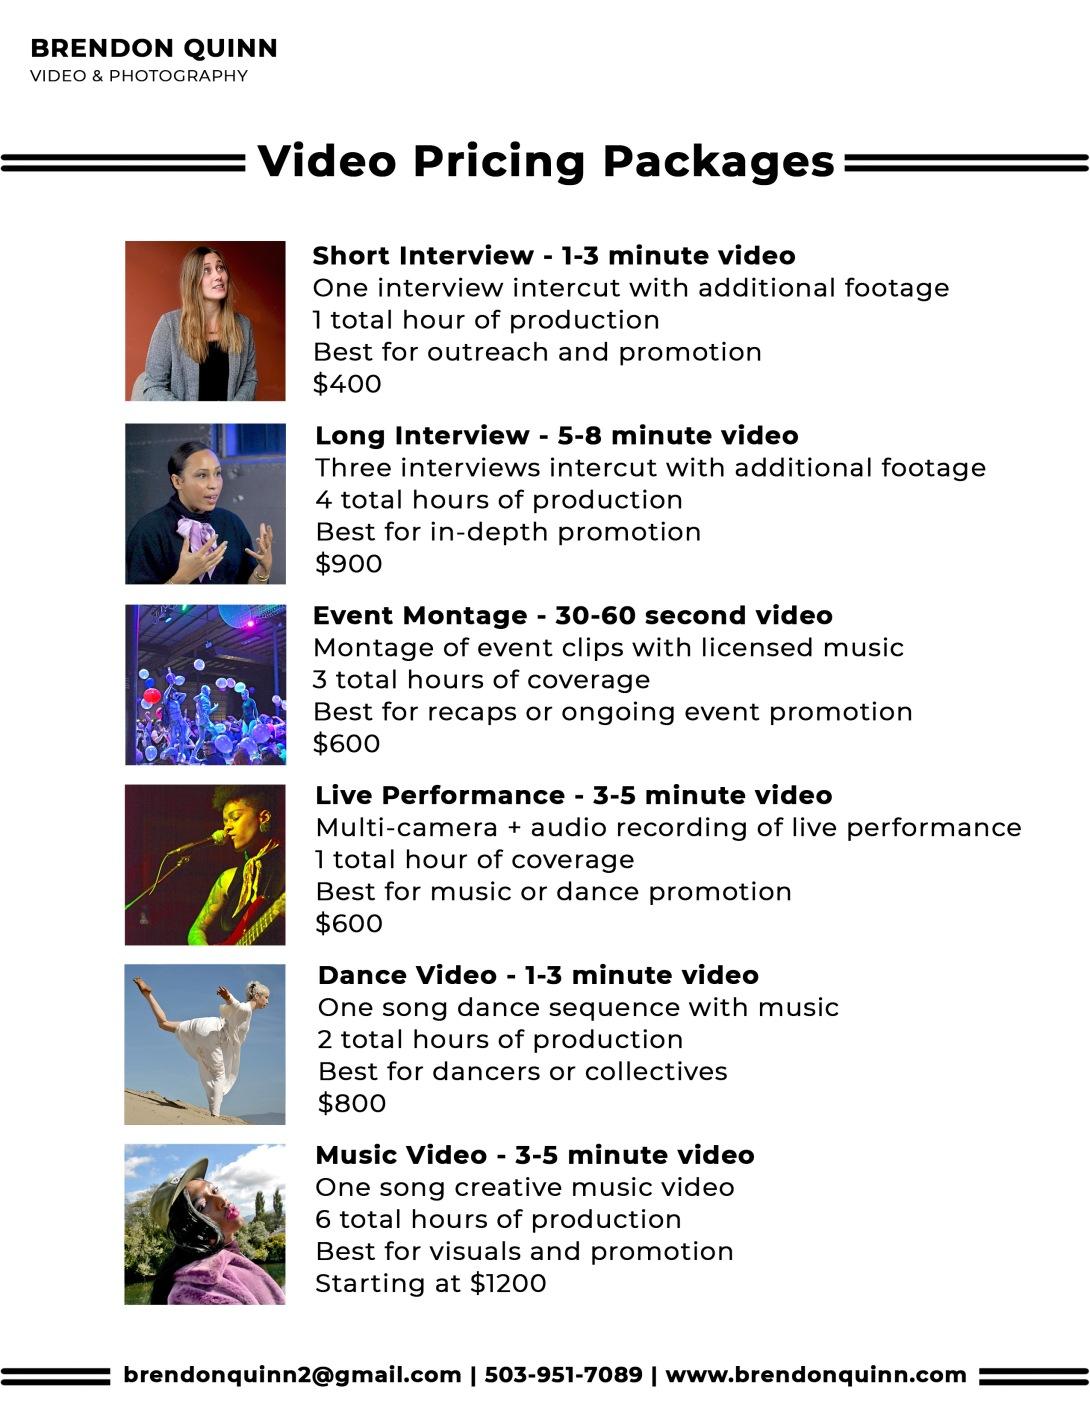 BQ_Video_Pricing